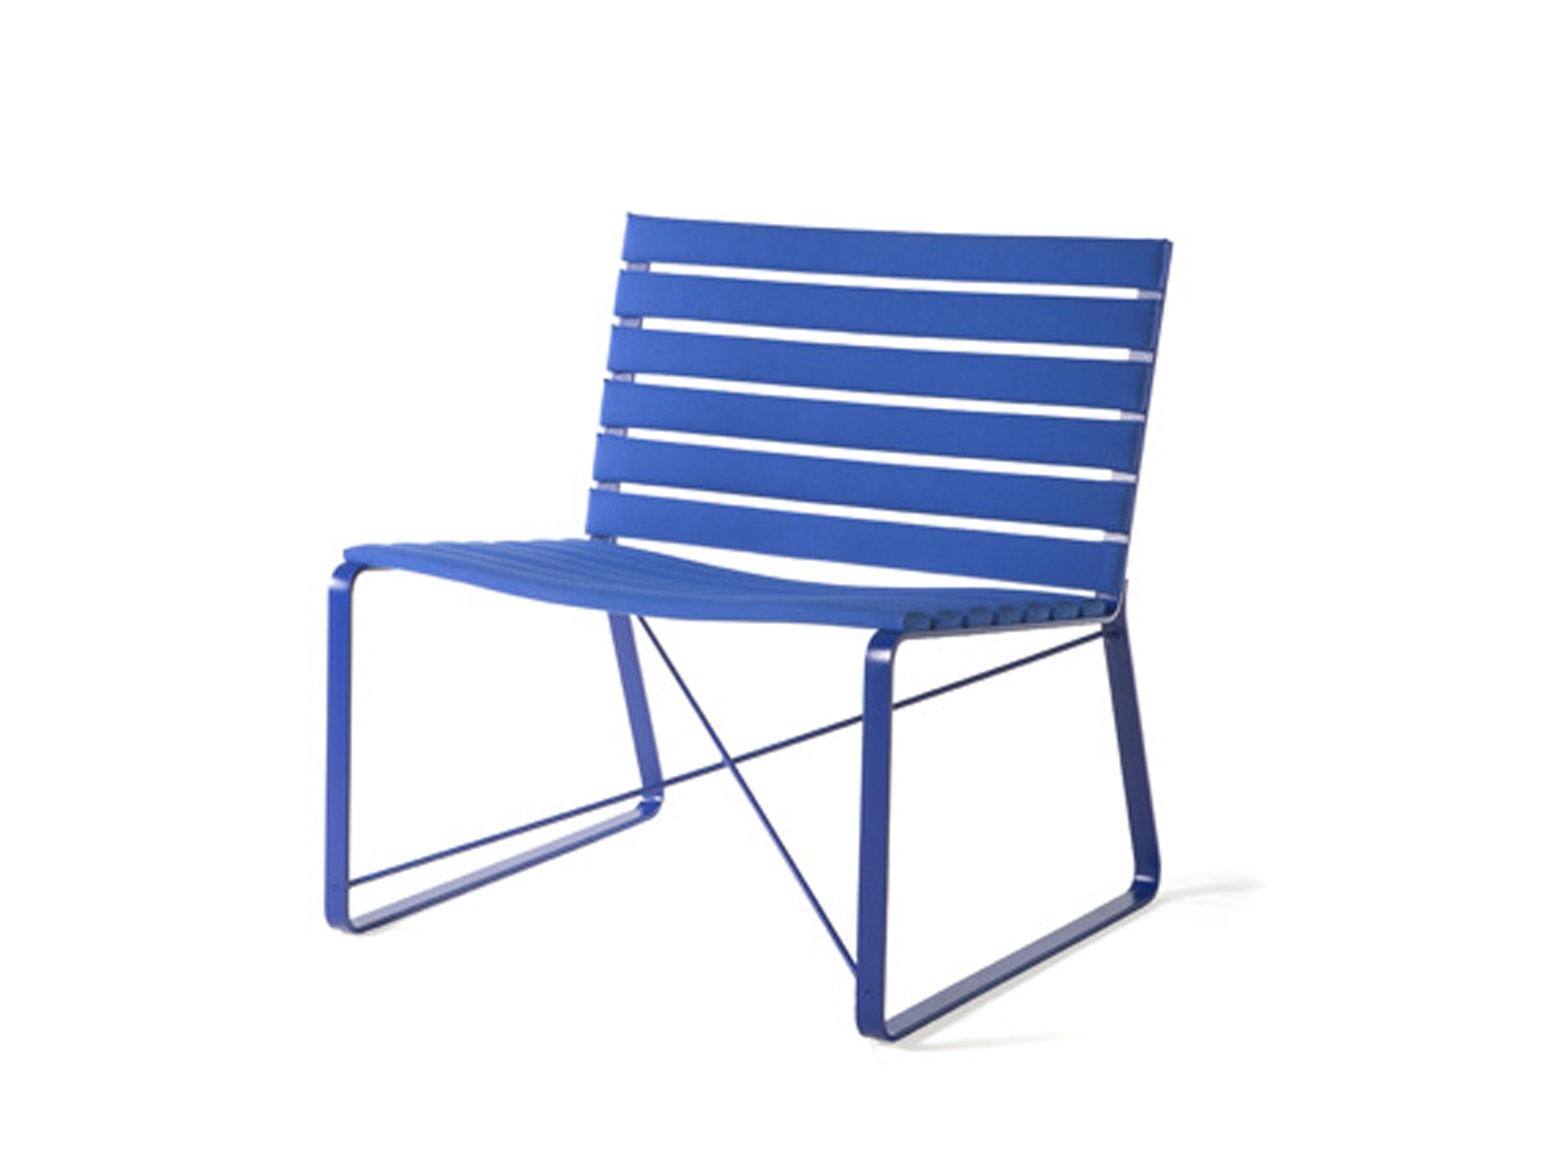 Slats blue